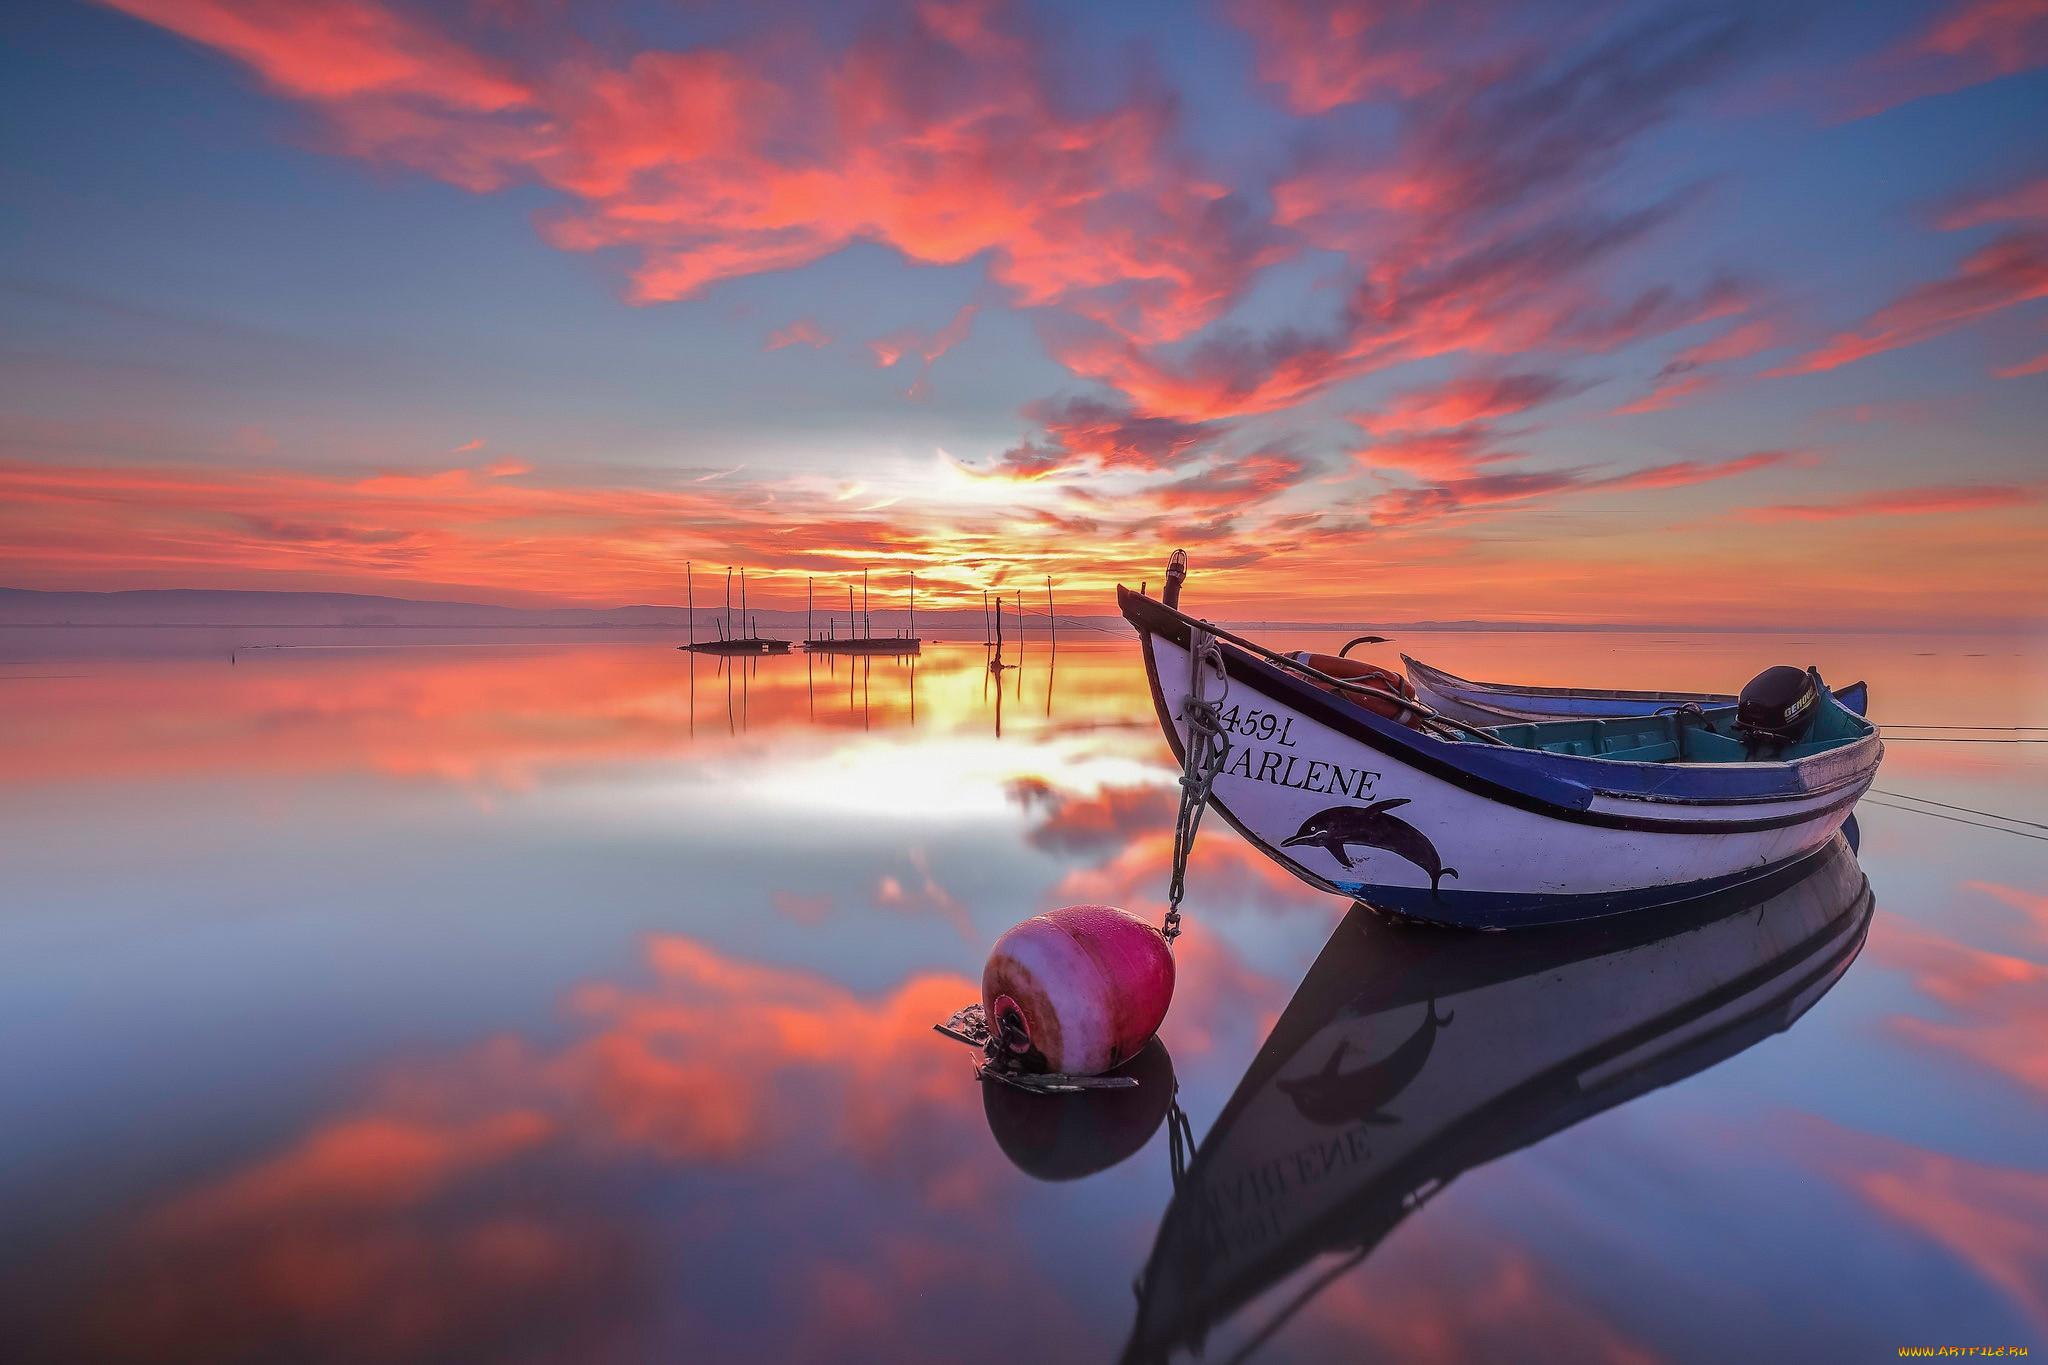 корабли, моторные лодки, закат, моторка, река